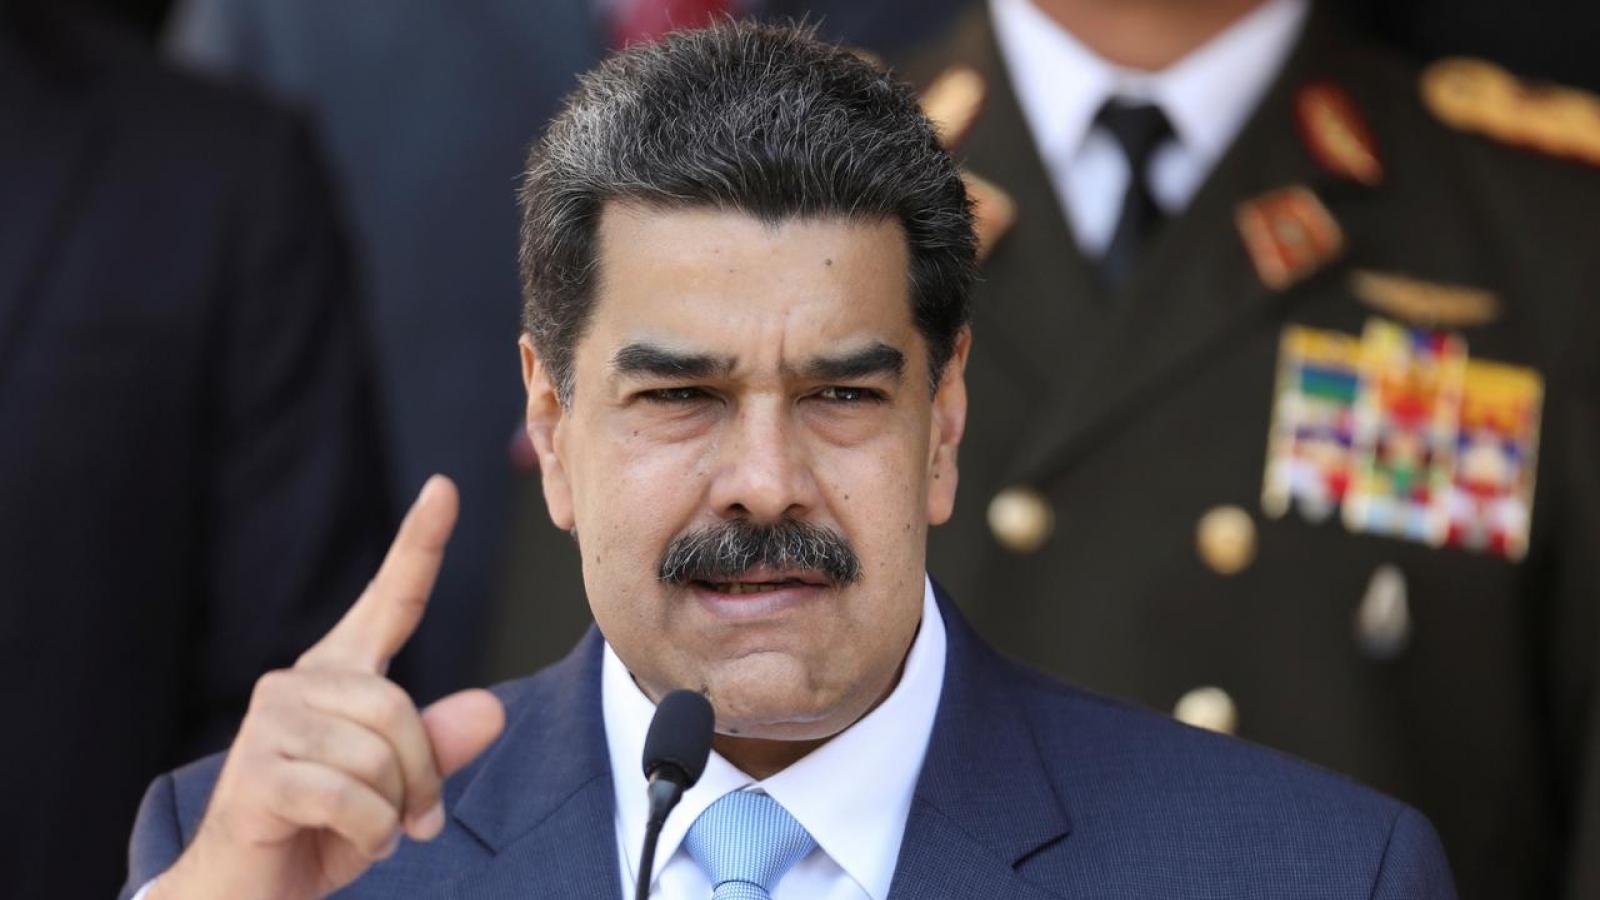 Tổng thống Venezuela kêu gọi chính quyền Mỹ tiếp theo dỡ bỏ trừng phạt